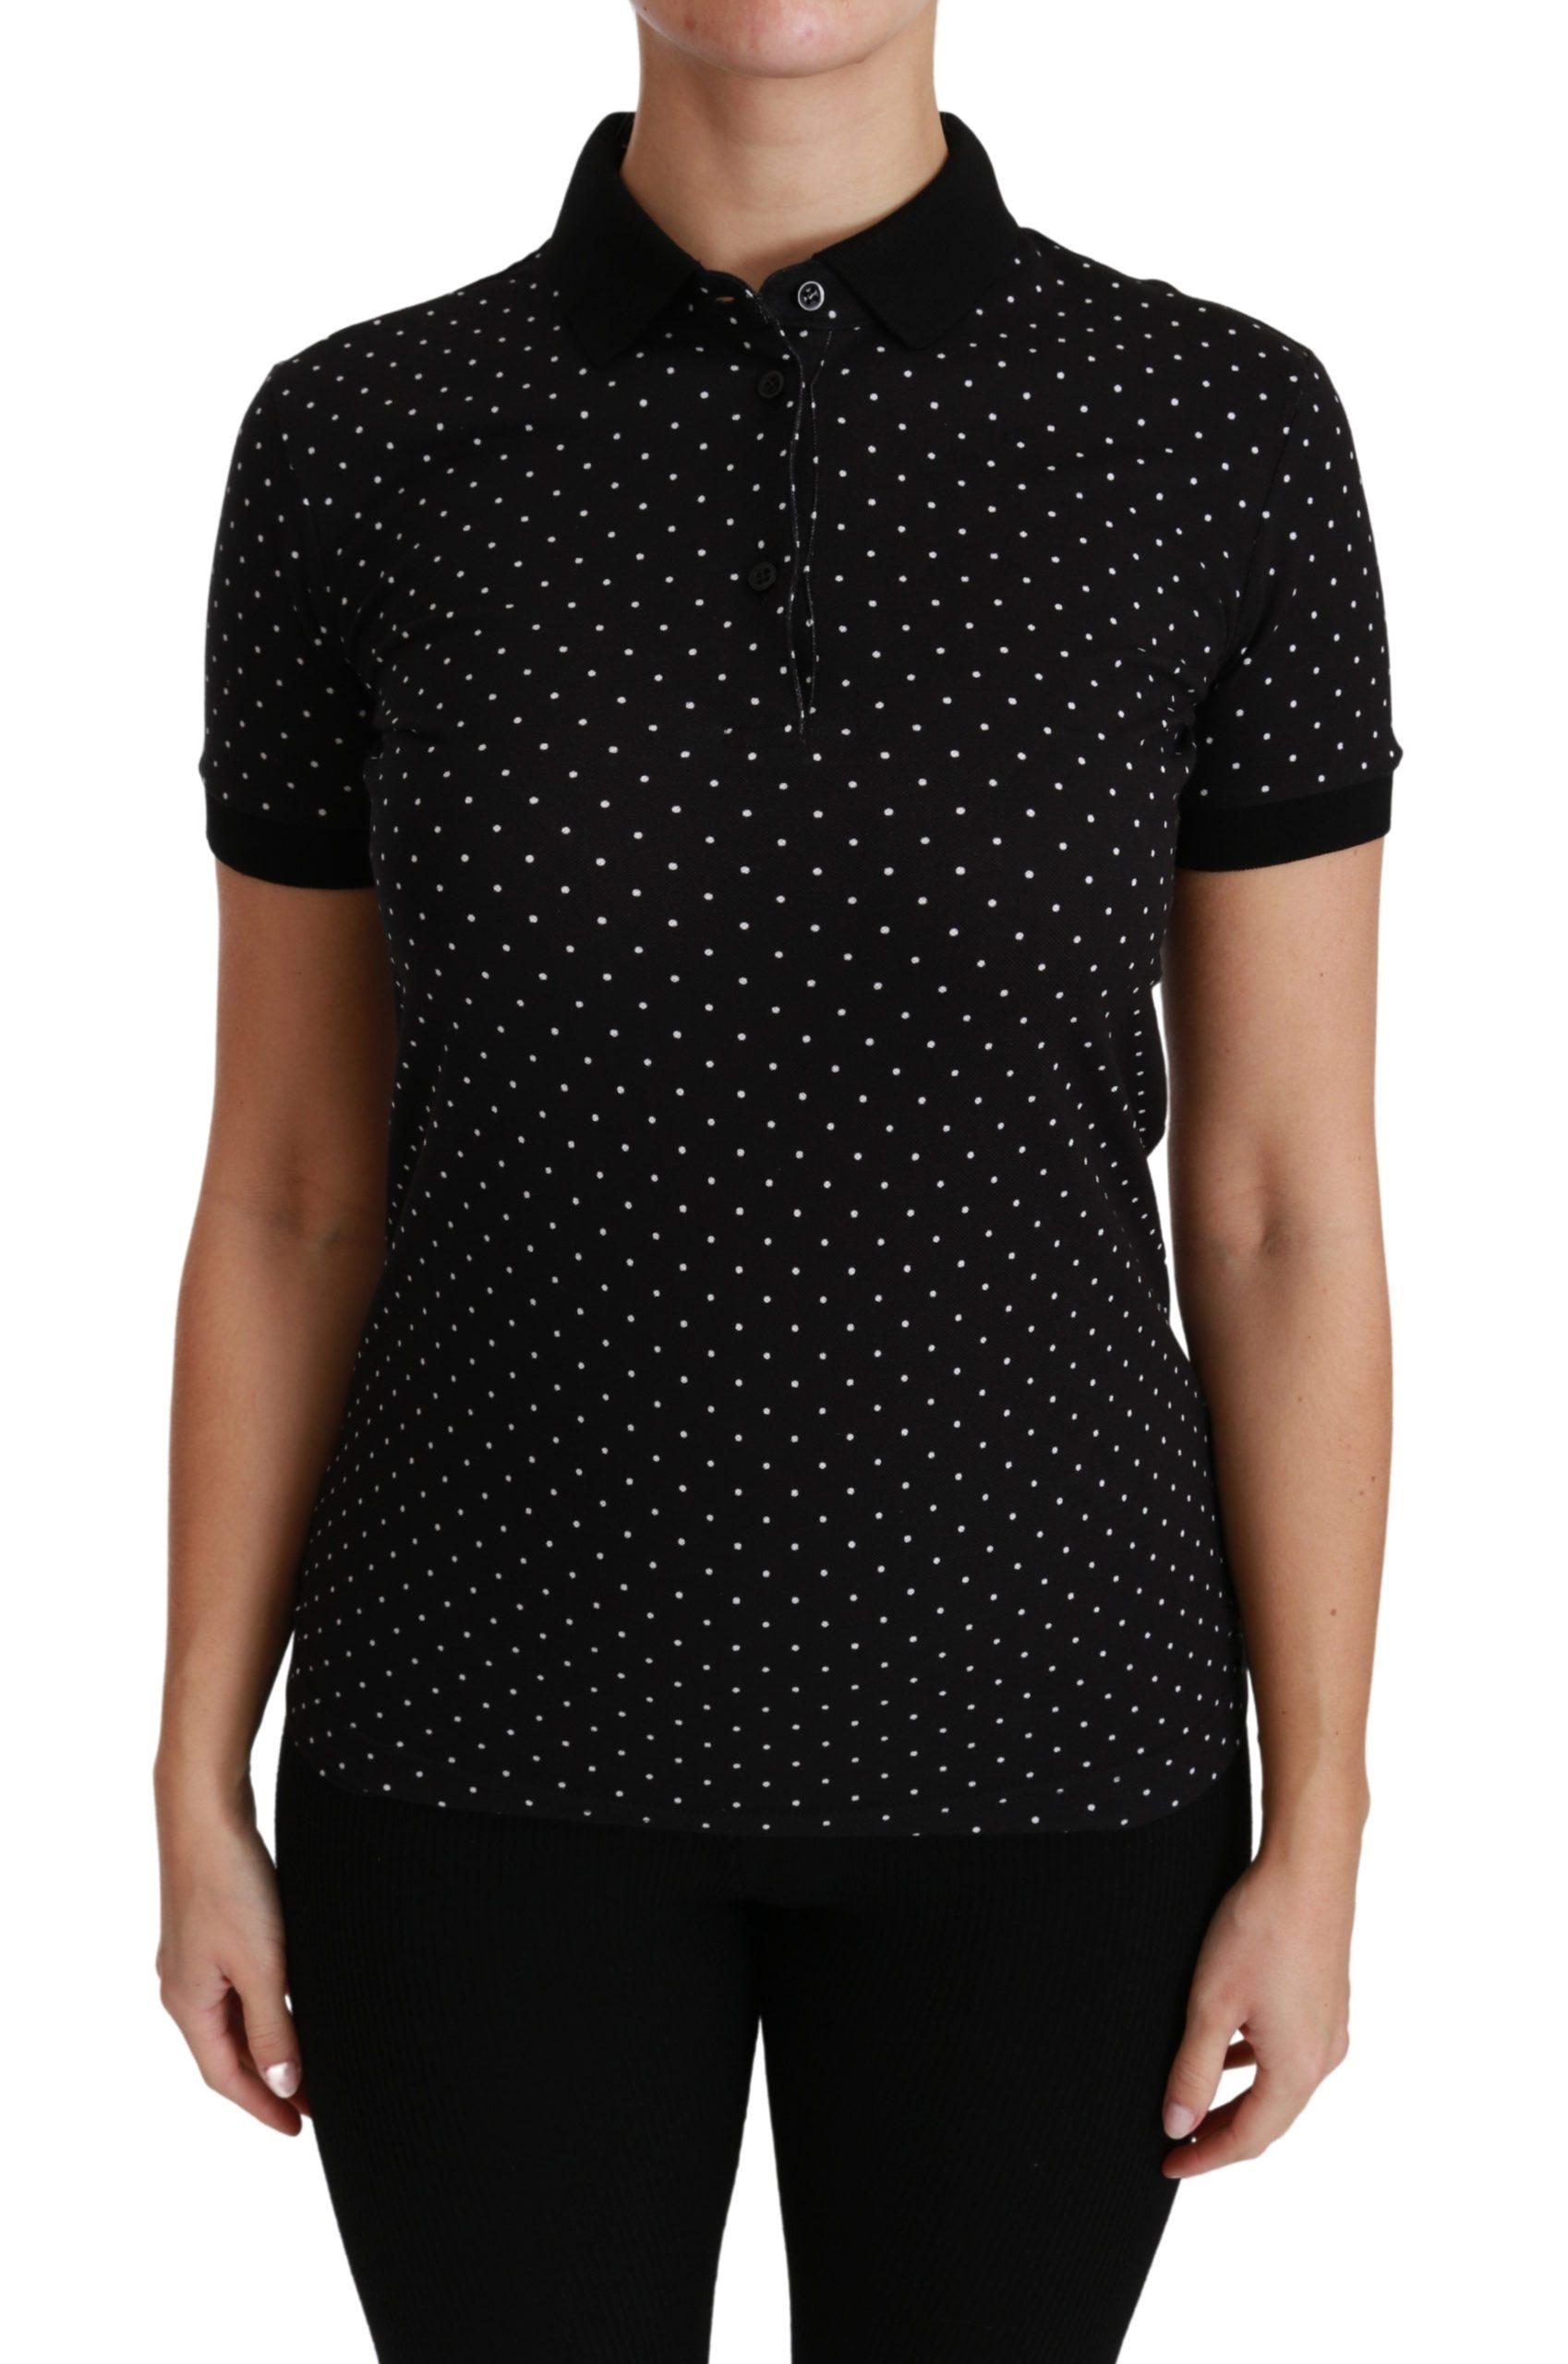 Dolce & Gabbana Women's Cotton Polo Shirts Black TSH4433 - IT36   XS